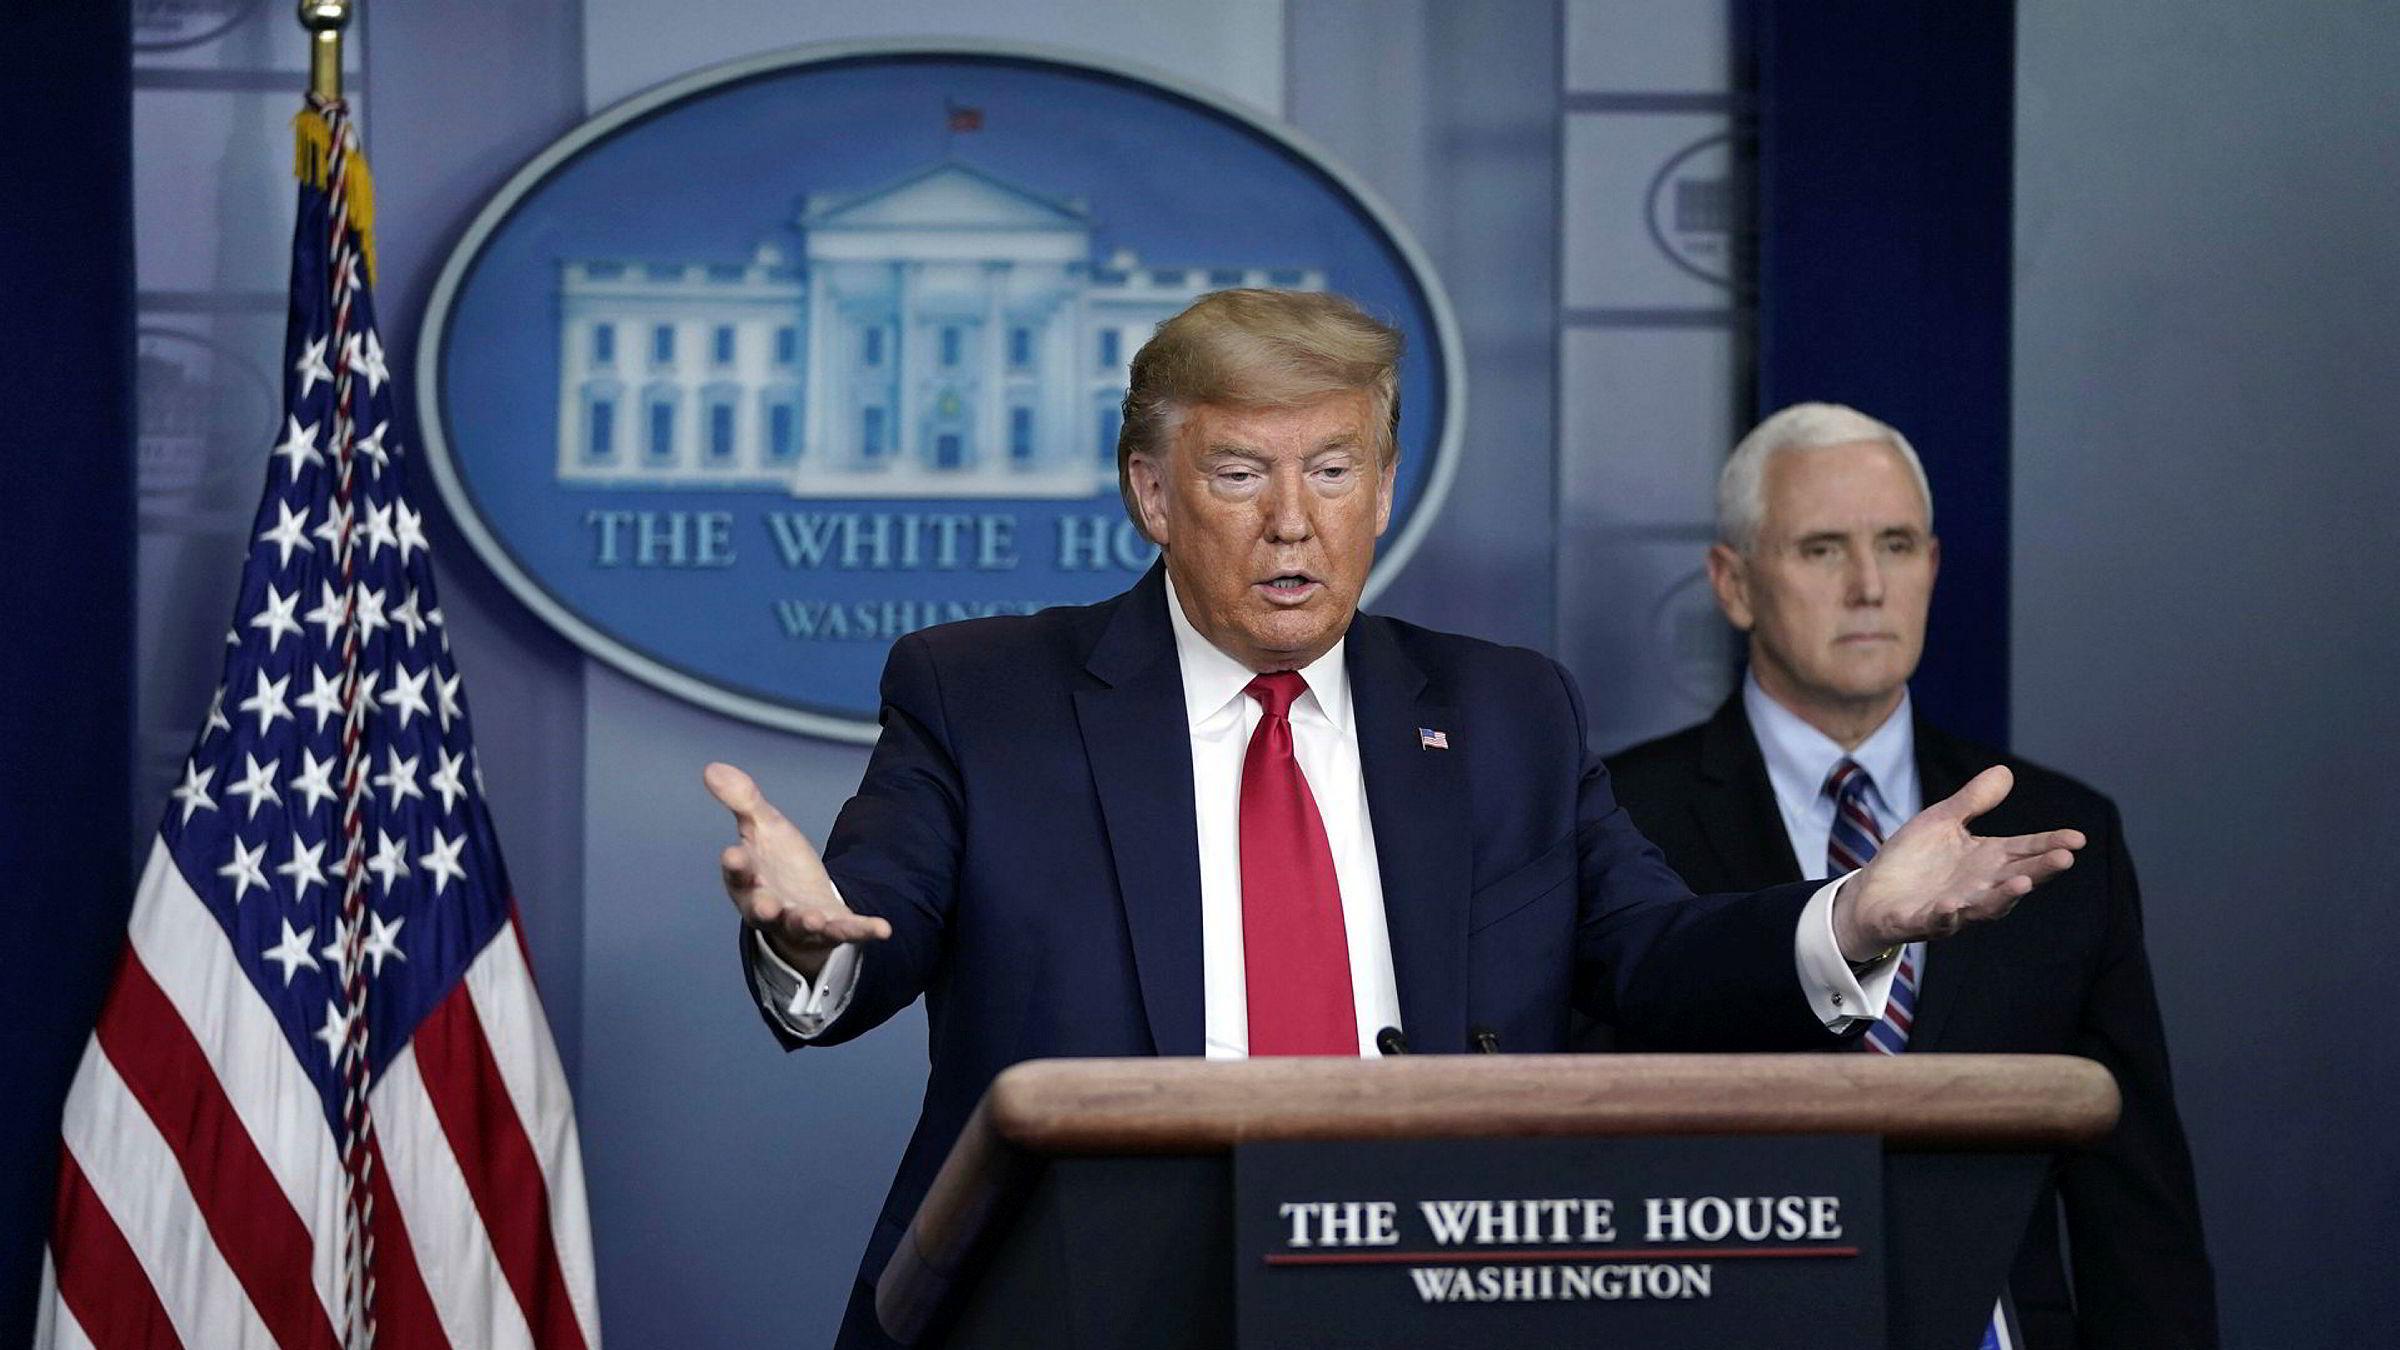 President Donald Trump og visepresident Mike Pence i bakgrunnen. Fredag ble krisepakken på 2000 mrd. dollar vedtatt av Representantenes hus.